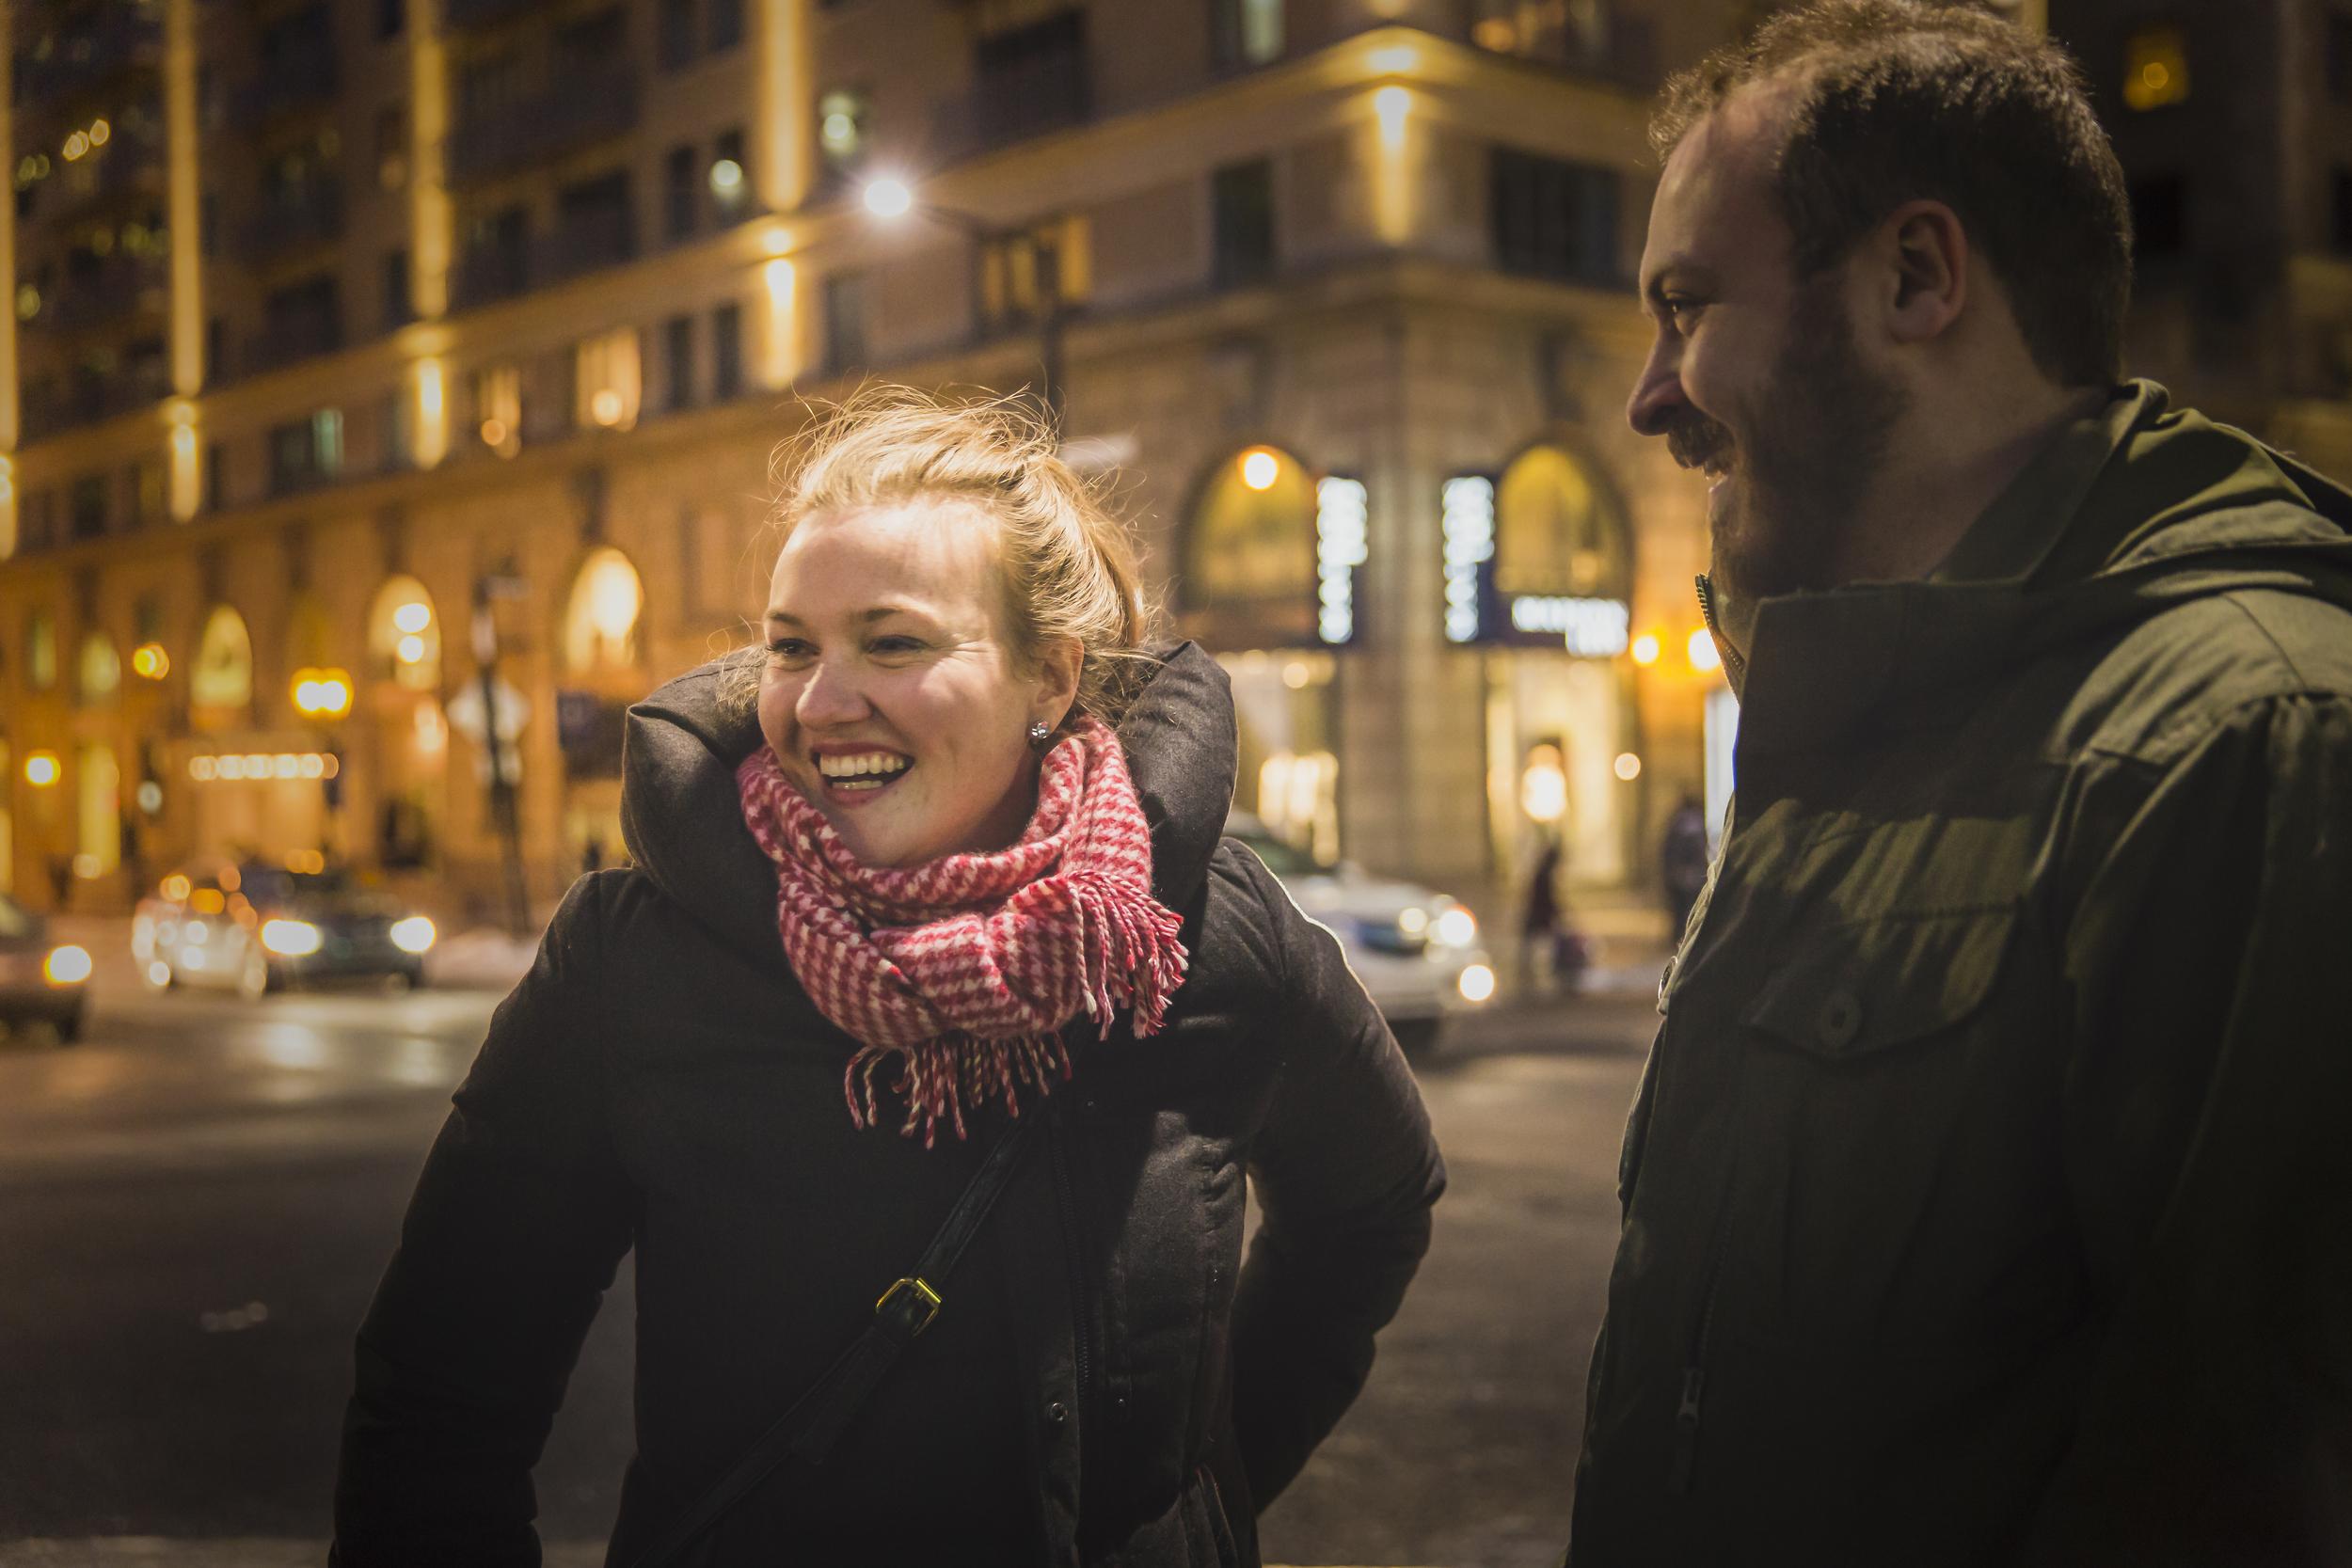 Scott&Adele_DeeptiSuddul-67.jpg